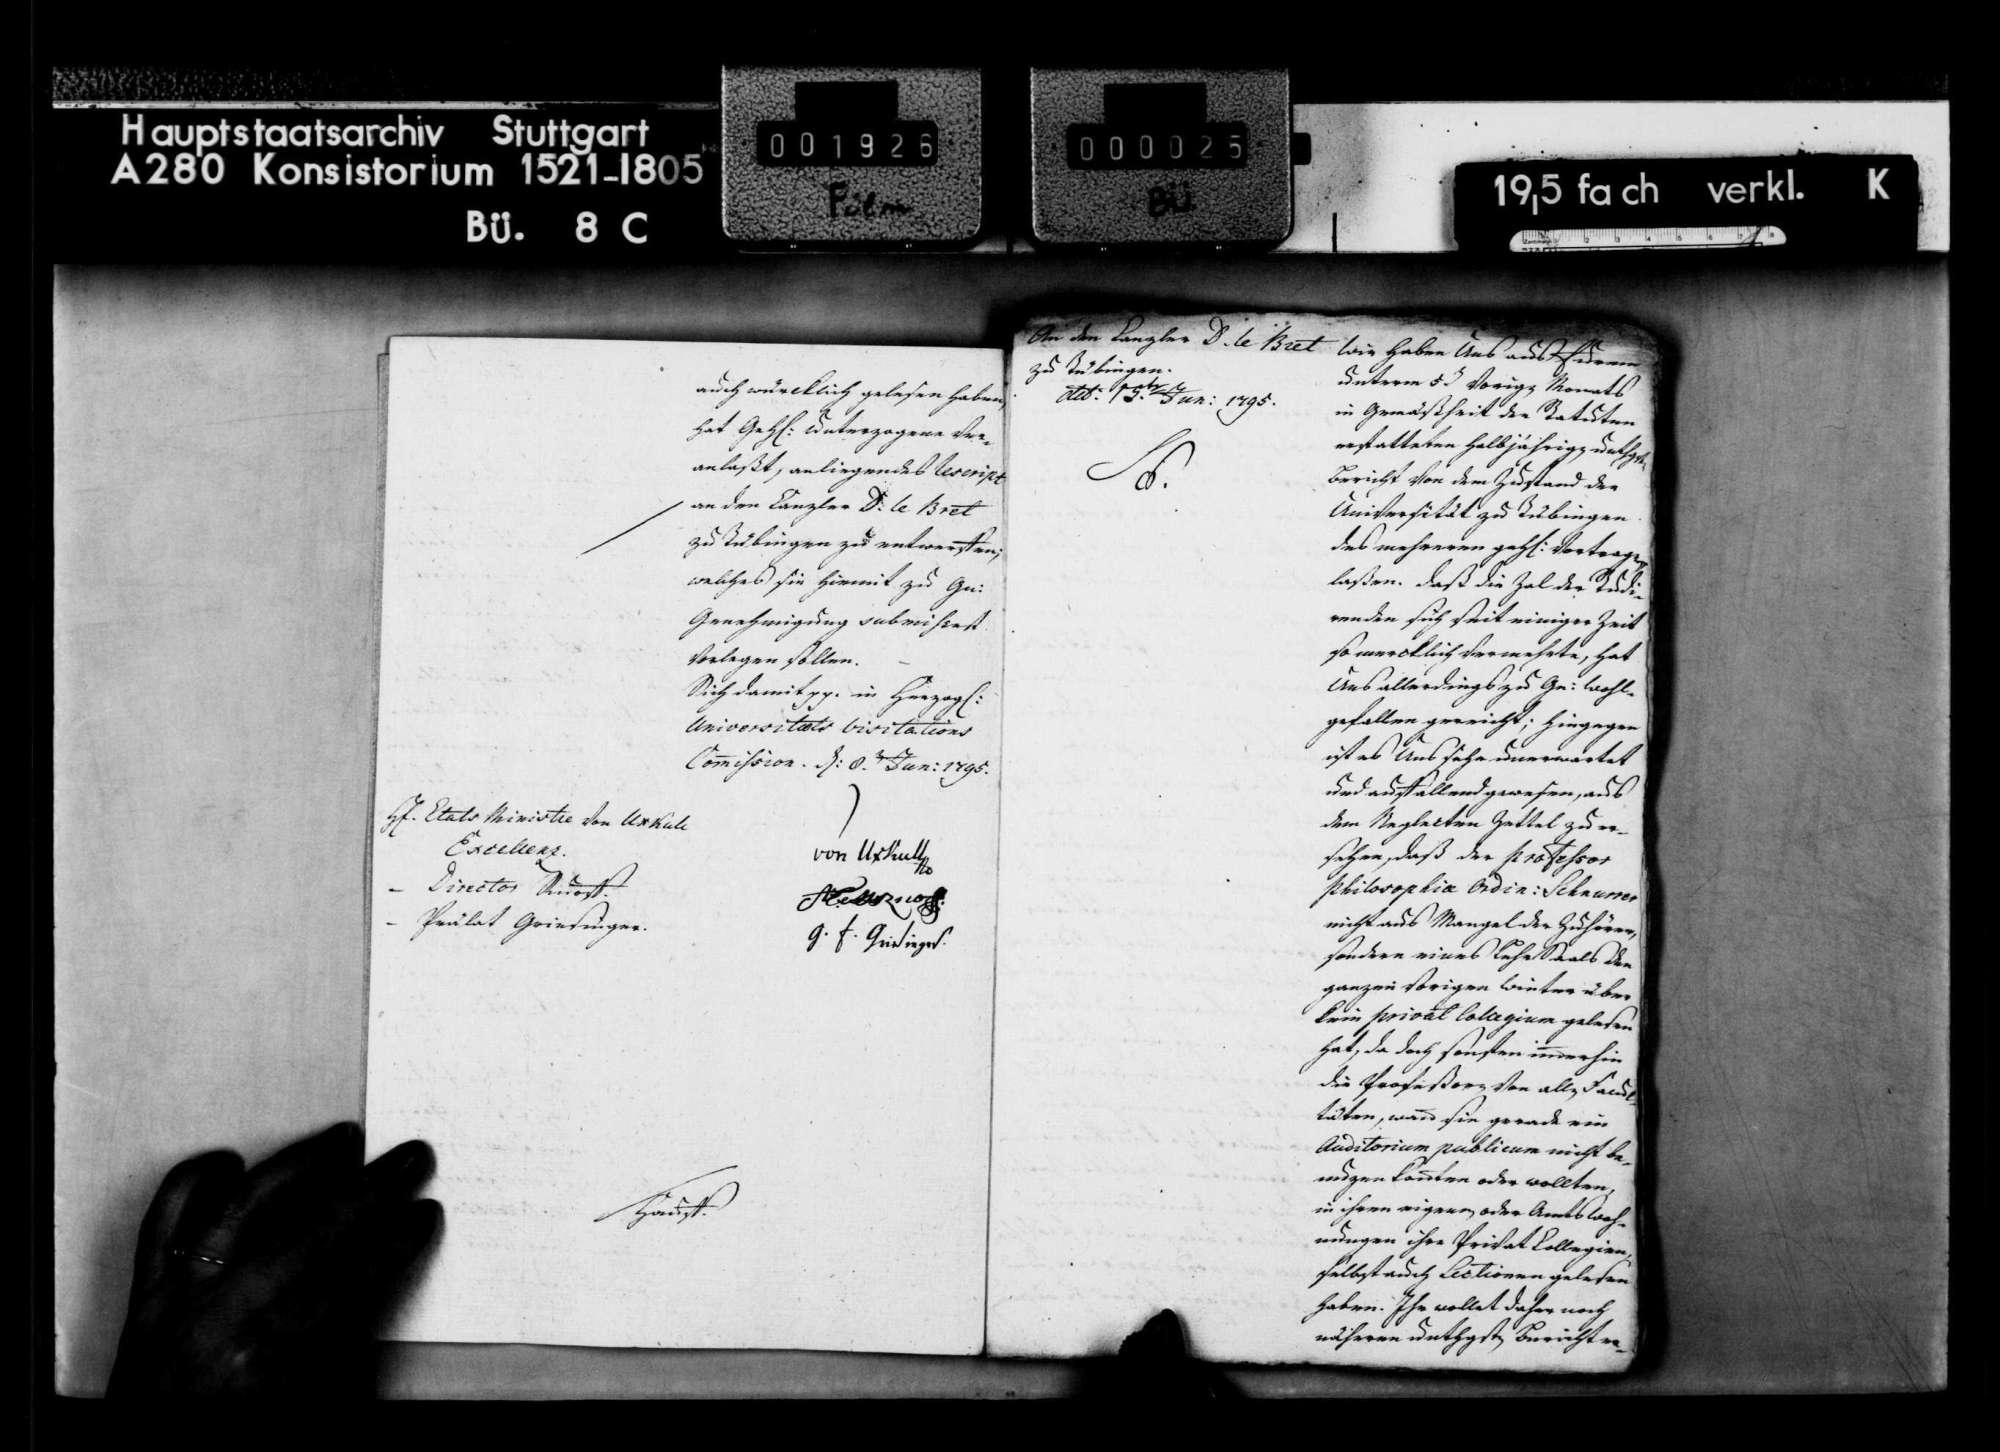 Berichte des Kanzlers D. le Bret über den Zustand an der Universität., Bild 3